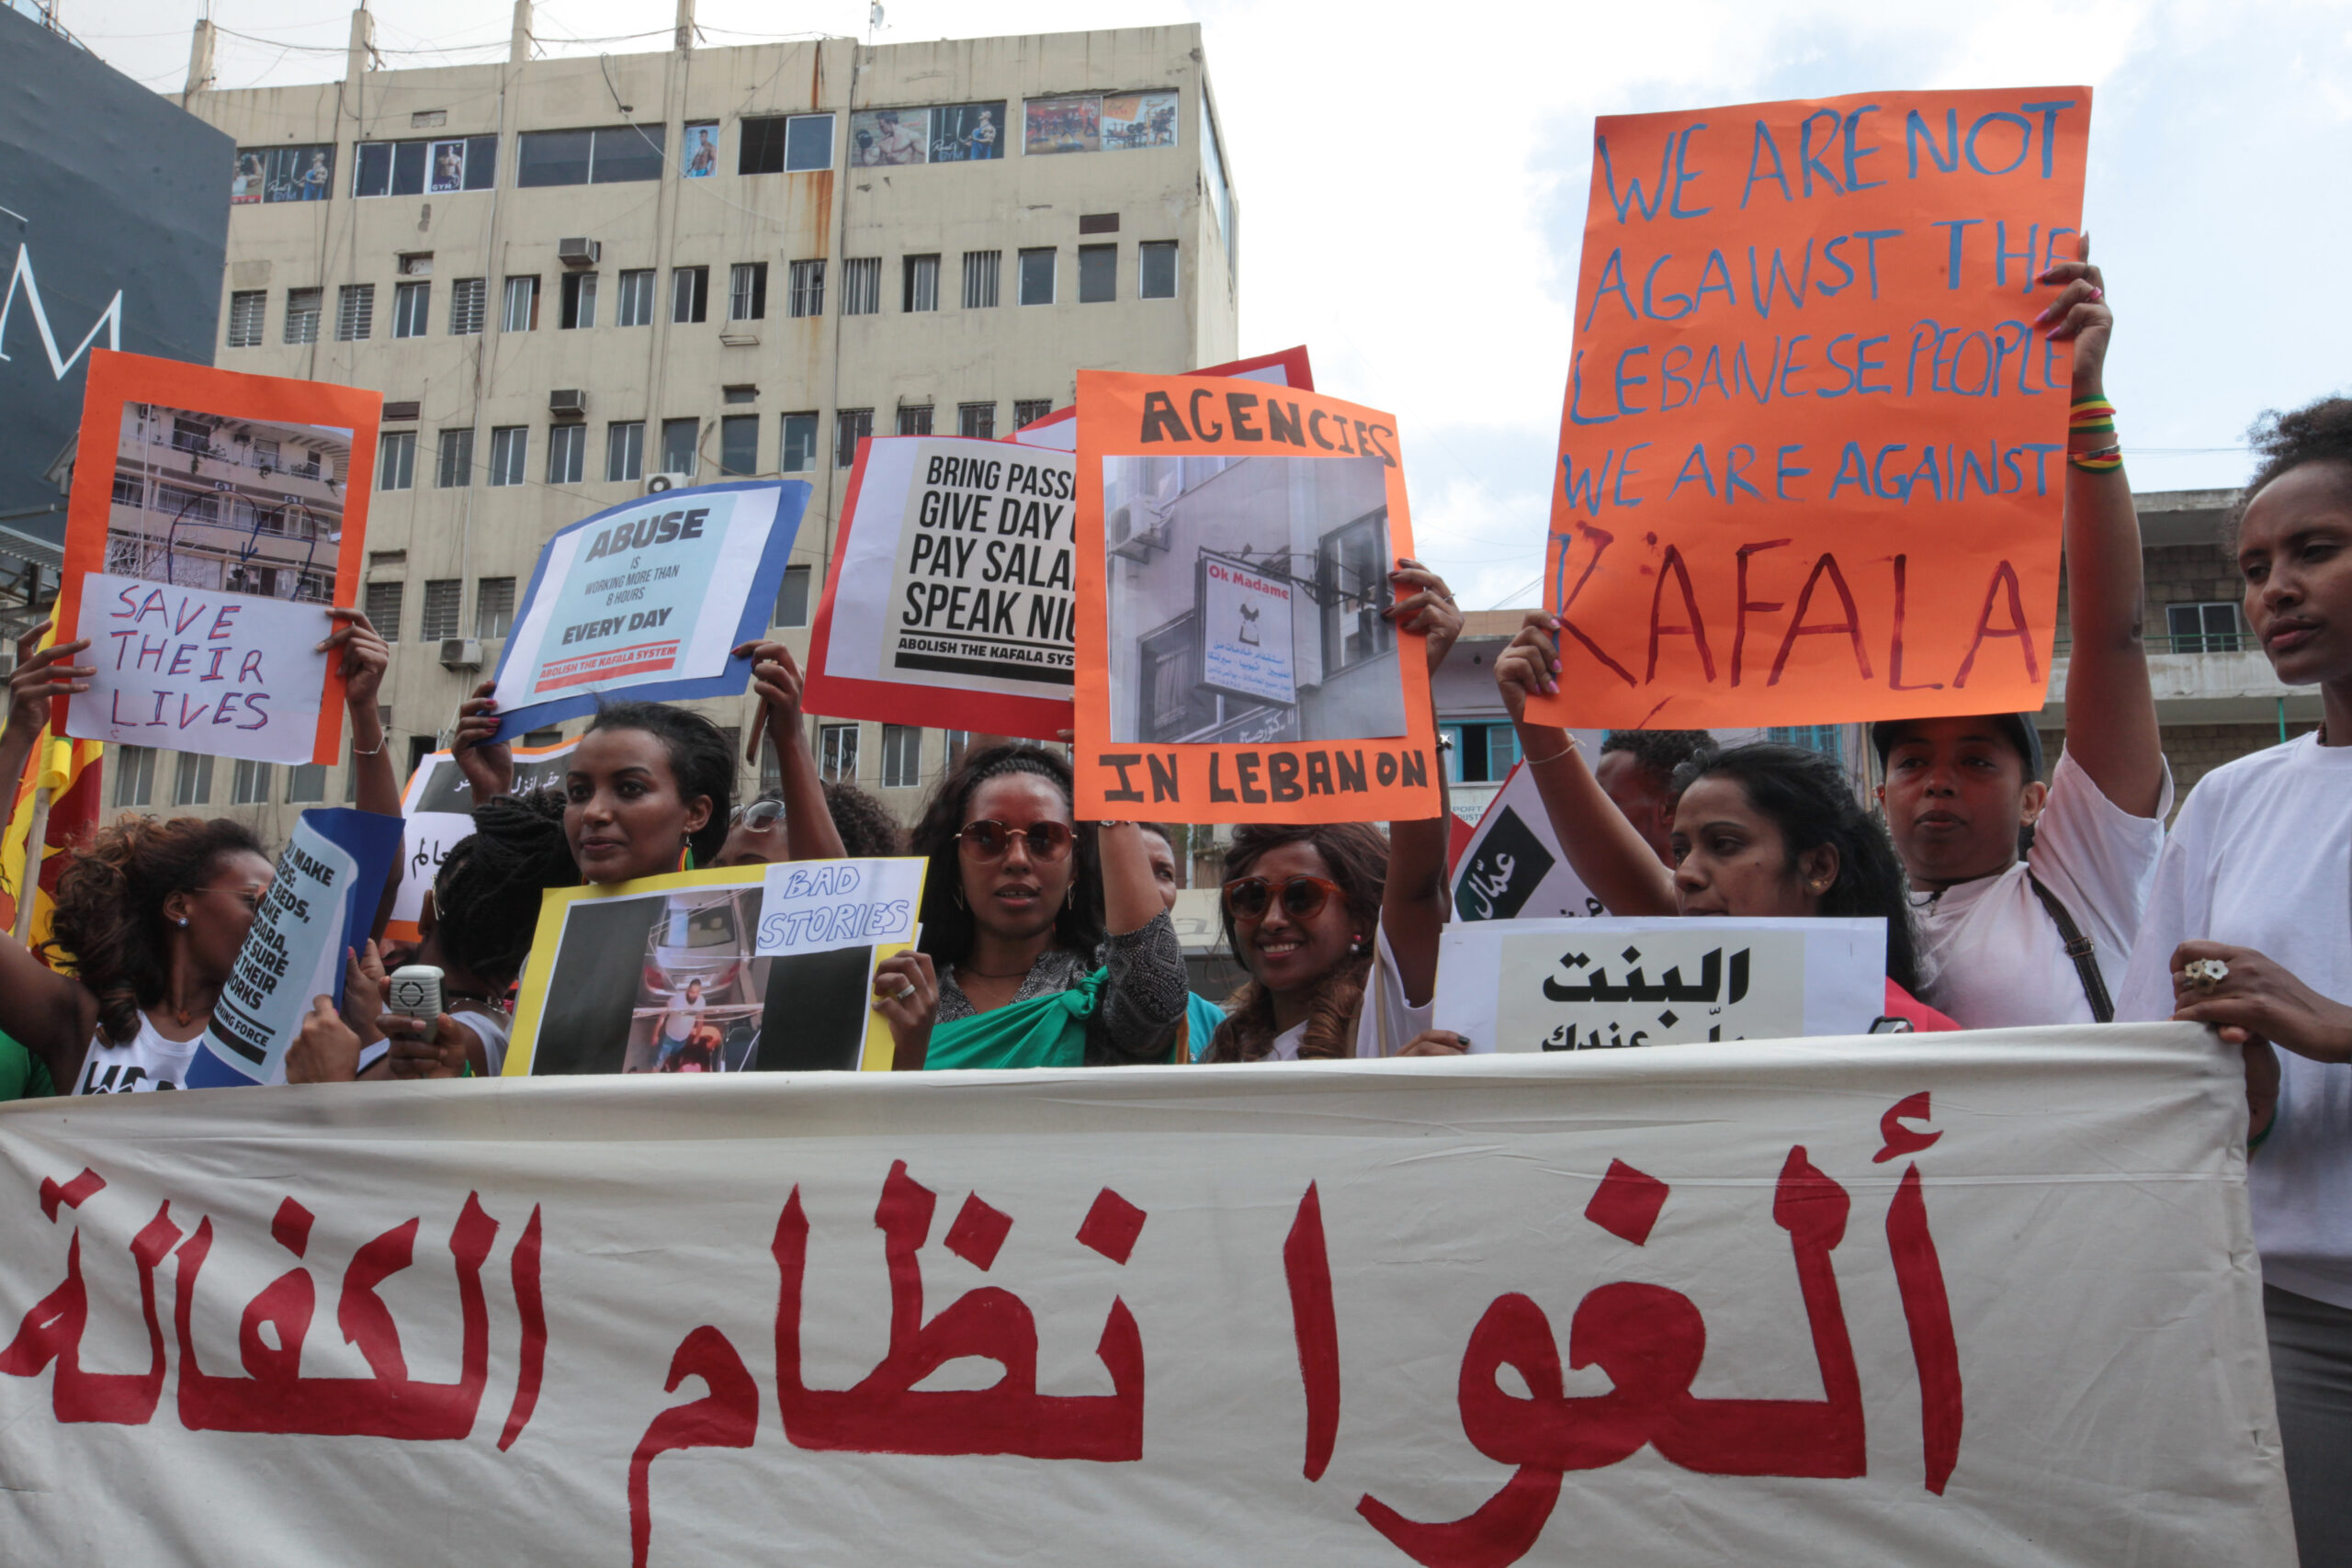 """أوقفوا بيع وشراء البشر… أوقفوا نظام الكفالة! عاملات المنازل يرفضن أن يكون """"بيتهم سجني"""""""